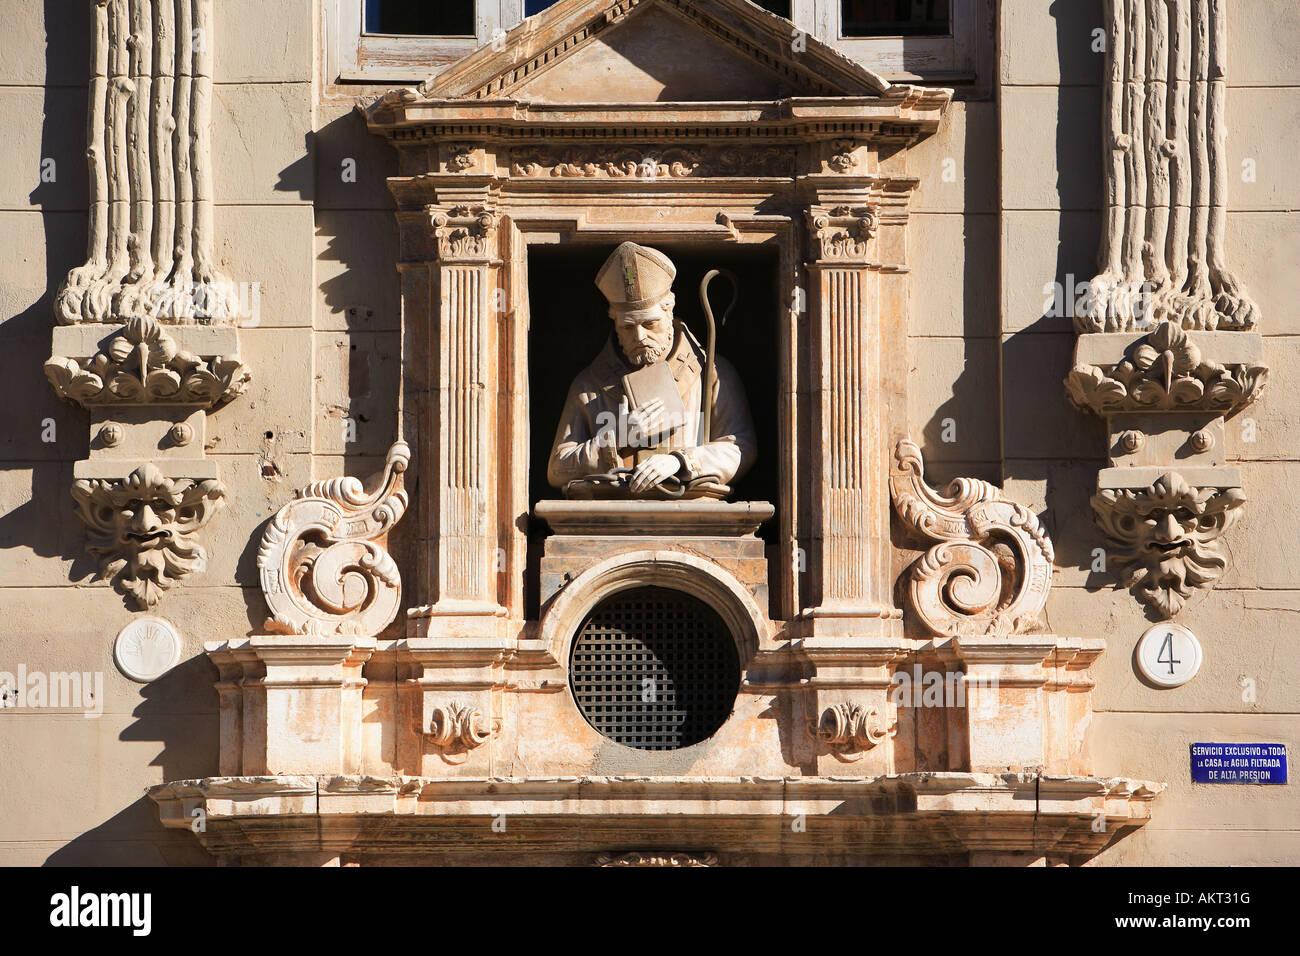 Spain, Valencia, sculpted façade of the edifice Punt De Ganxo - Stock Image